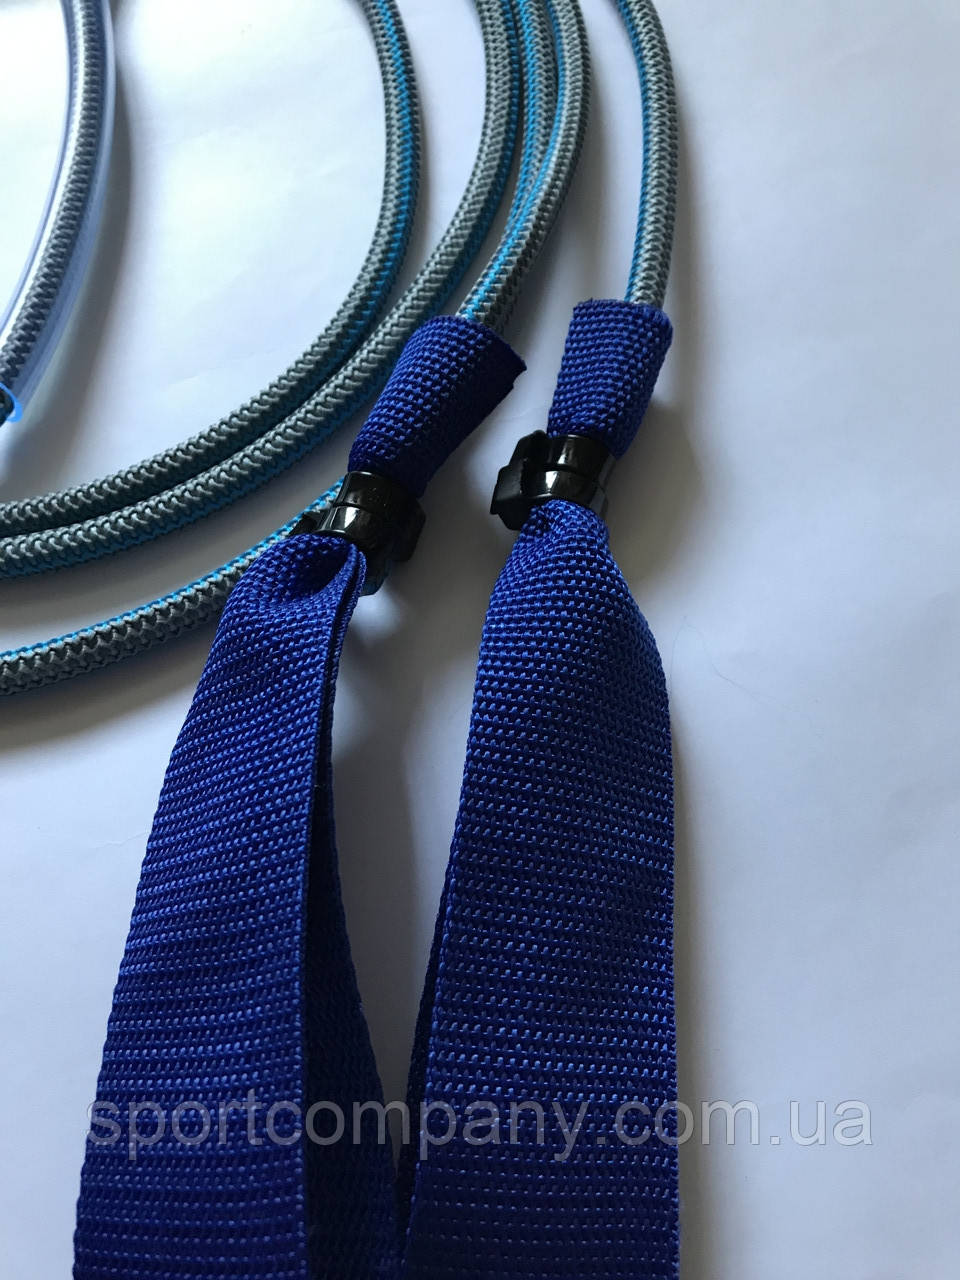 Петли синие тканевые для эспандера